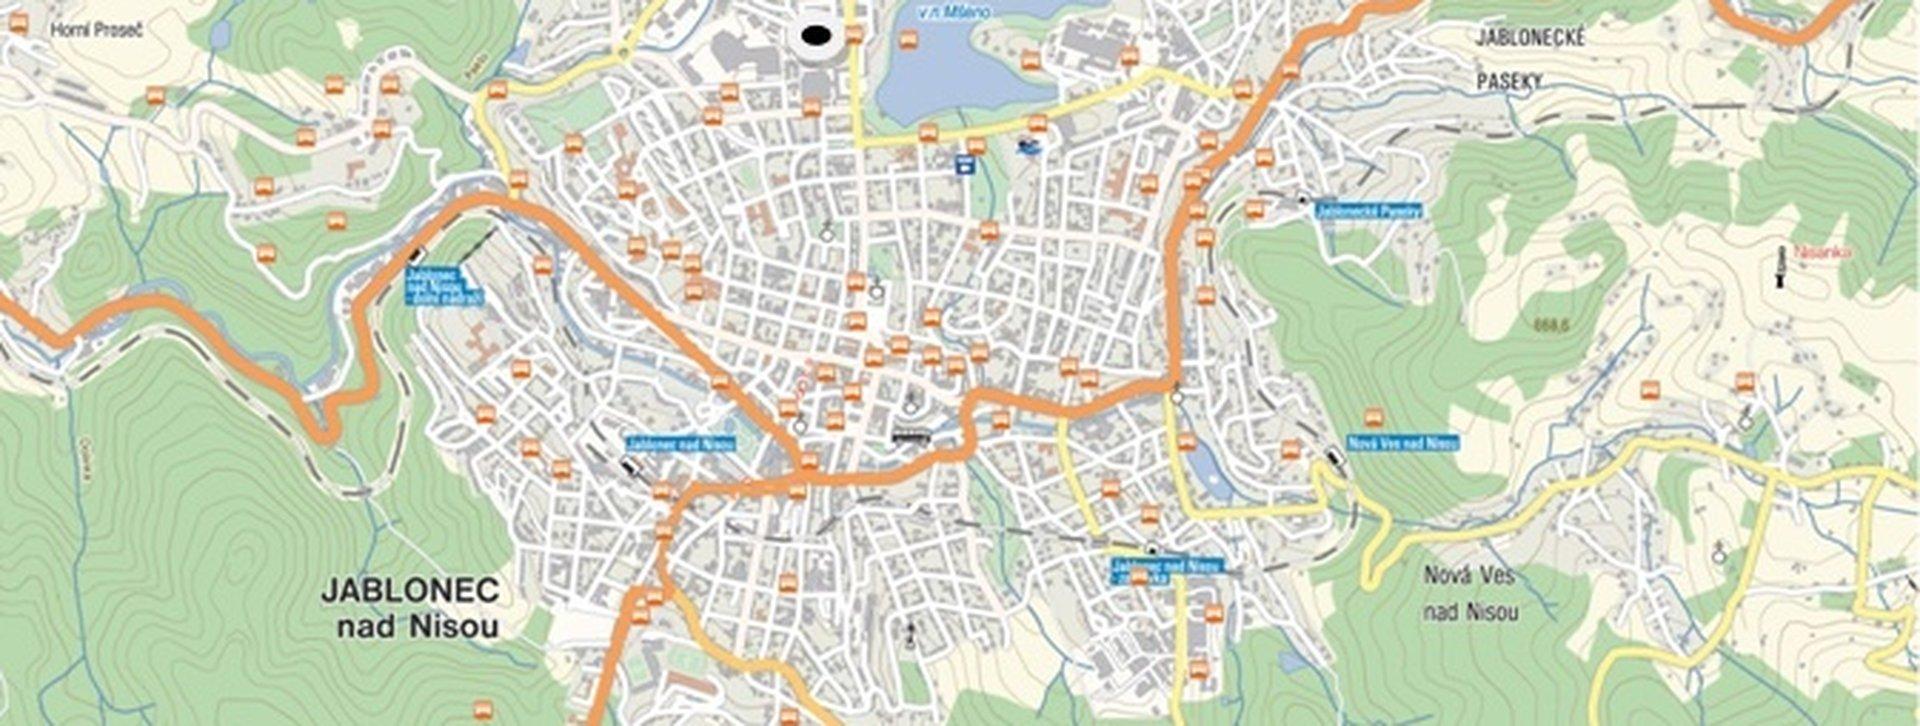 Jablonec nad Nisou mapa